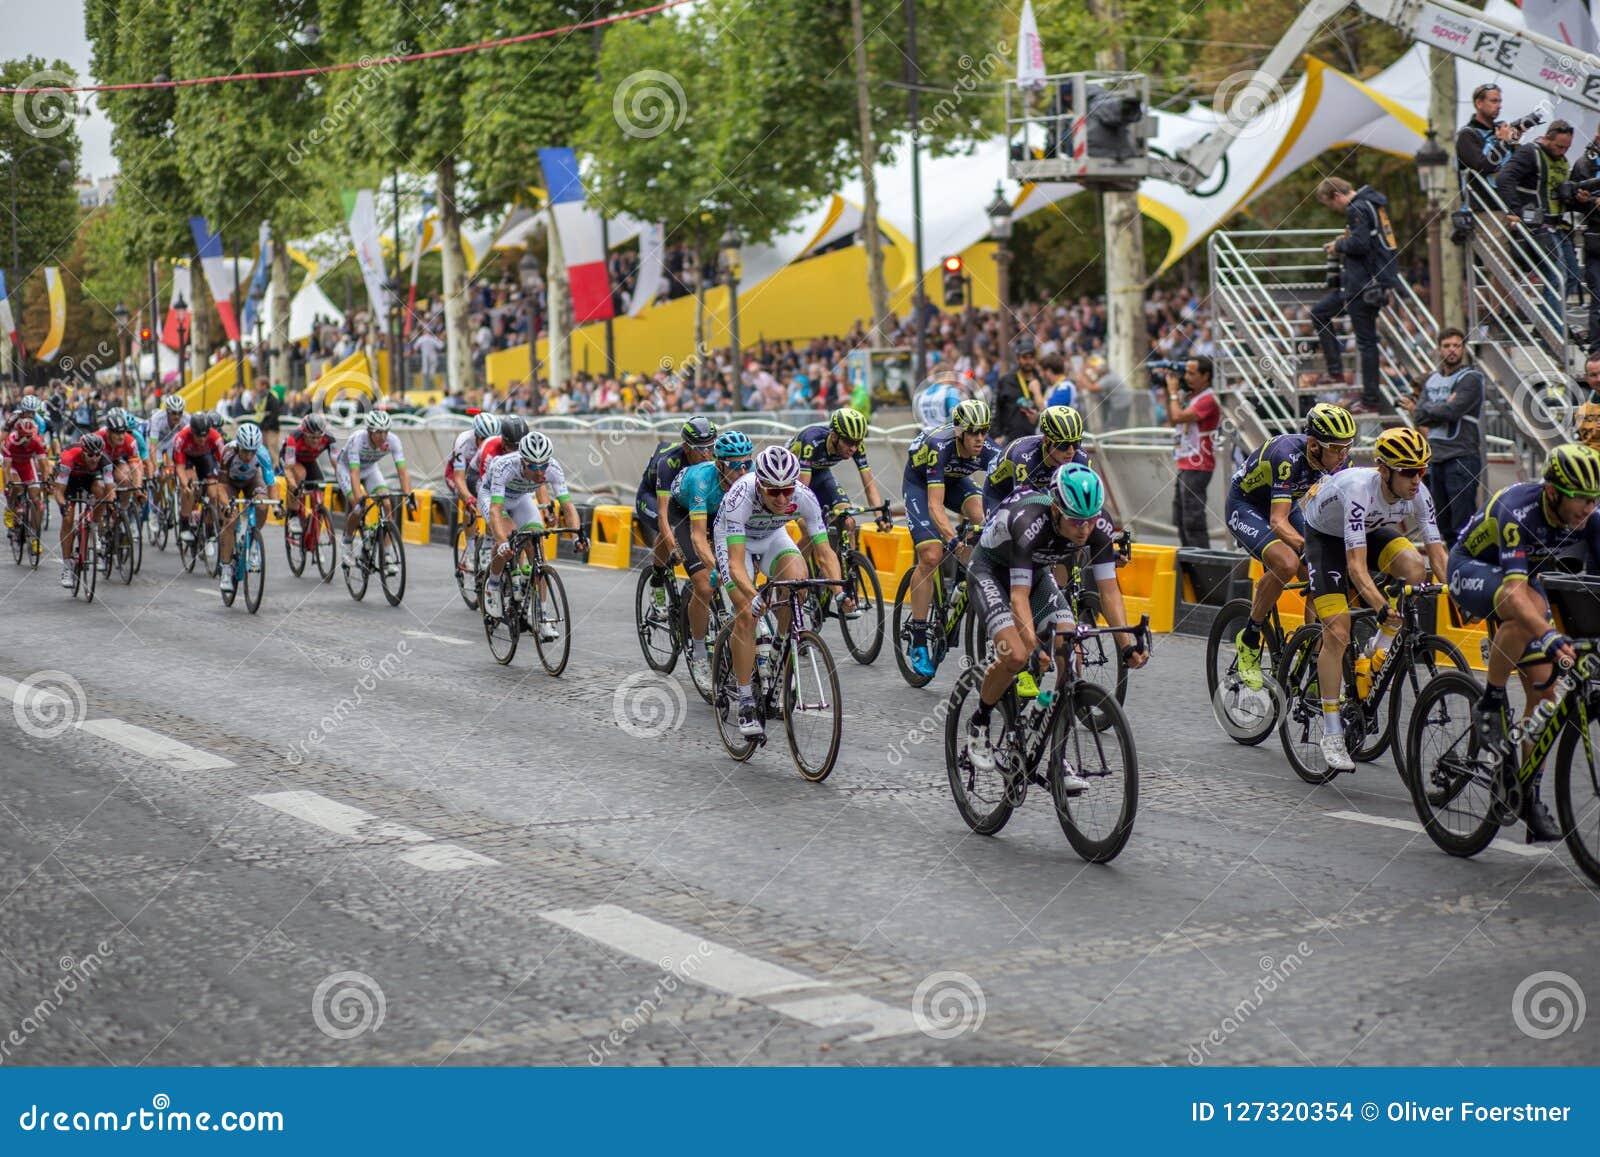 Tour de France Champs-Elysees 2017